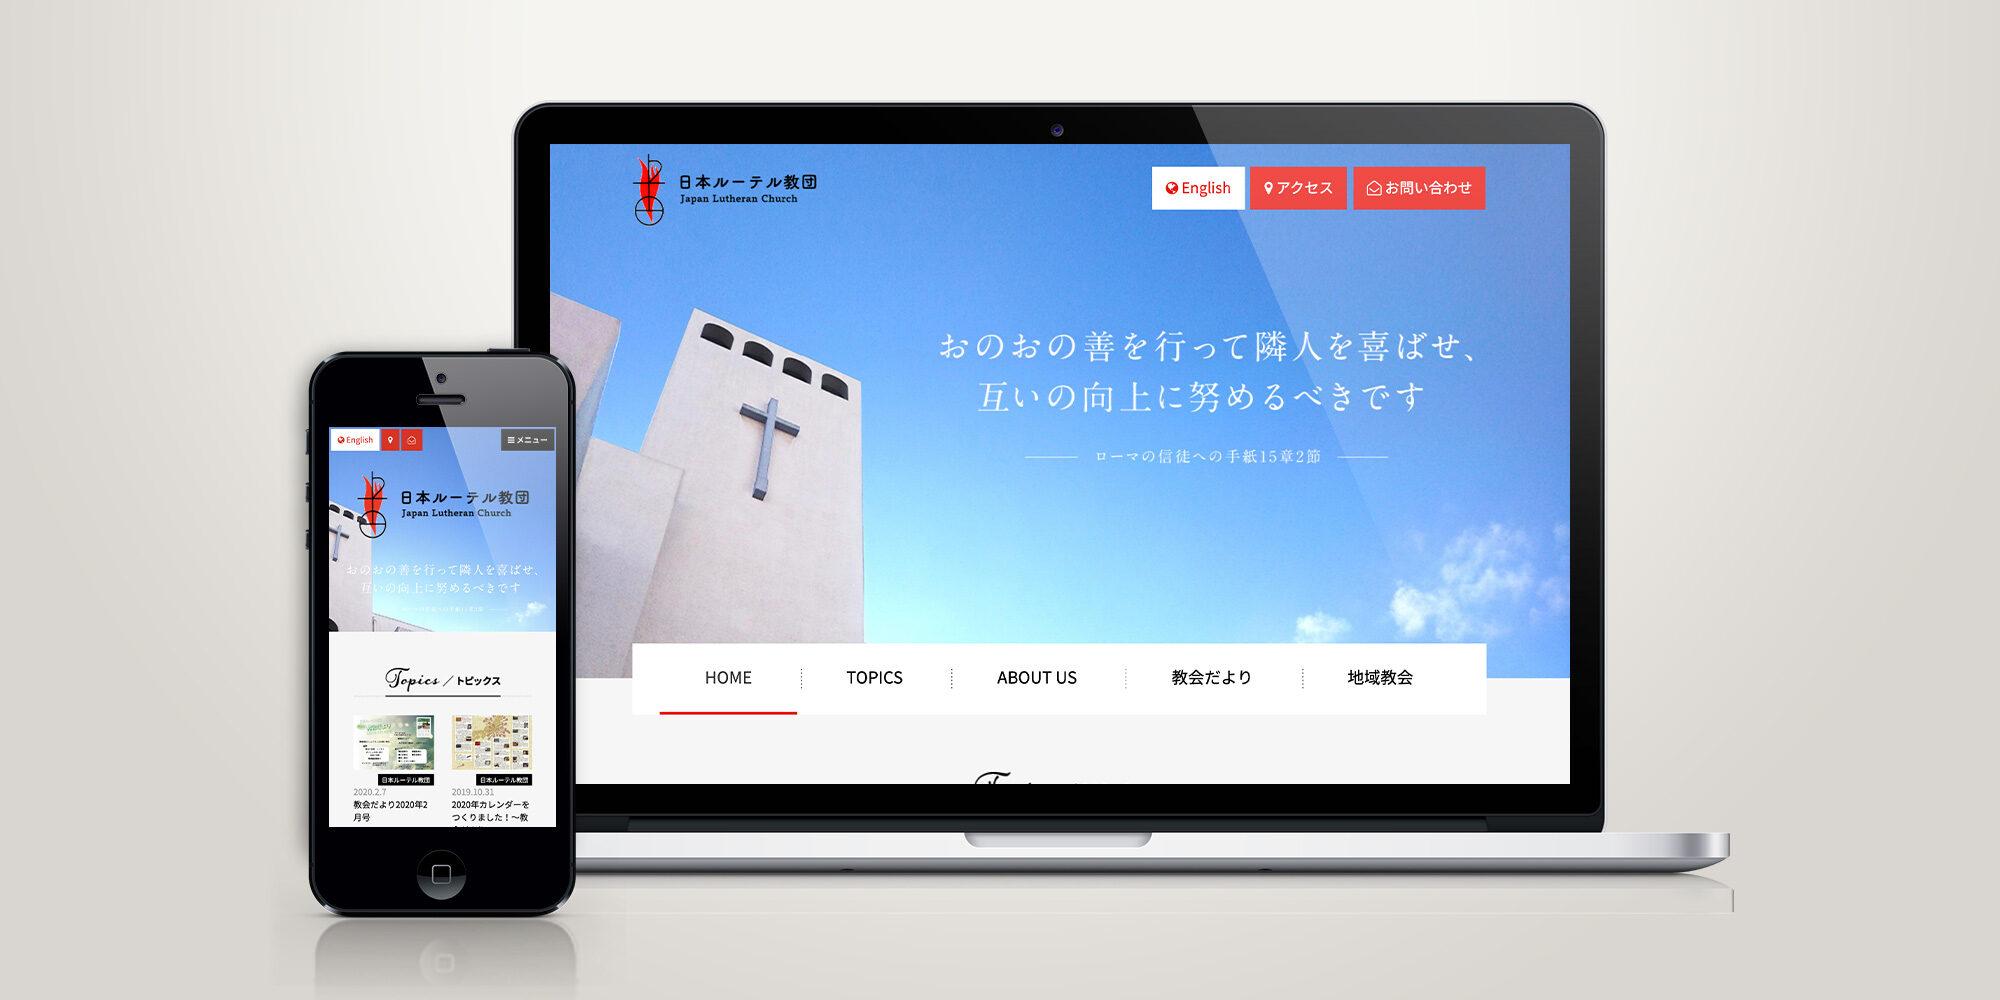 日本ルーテル教団